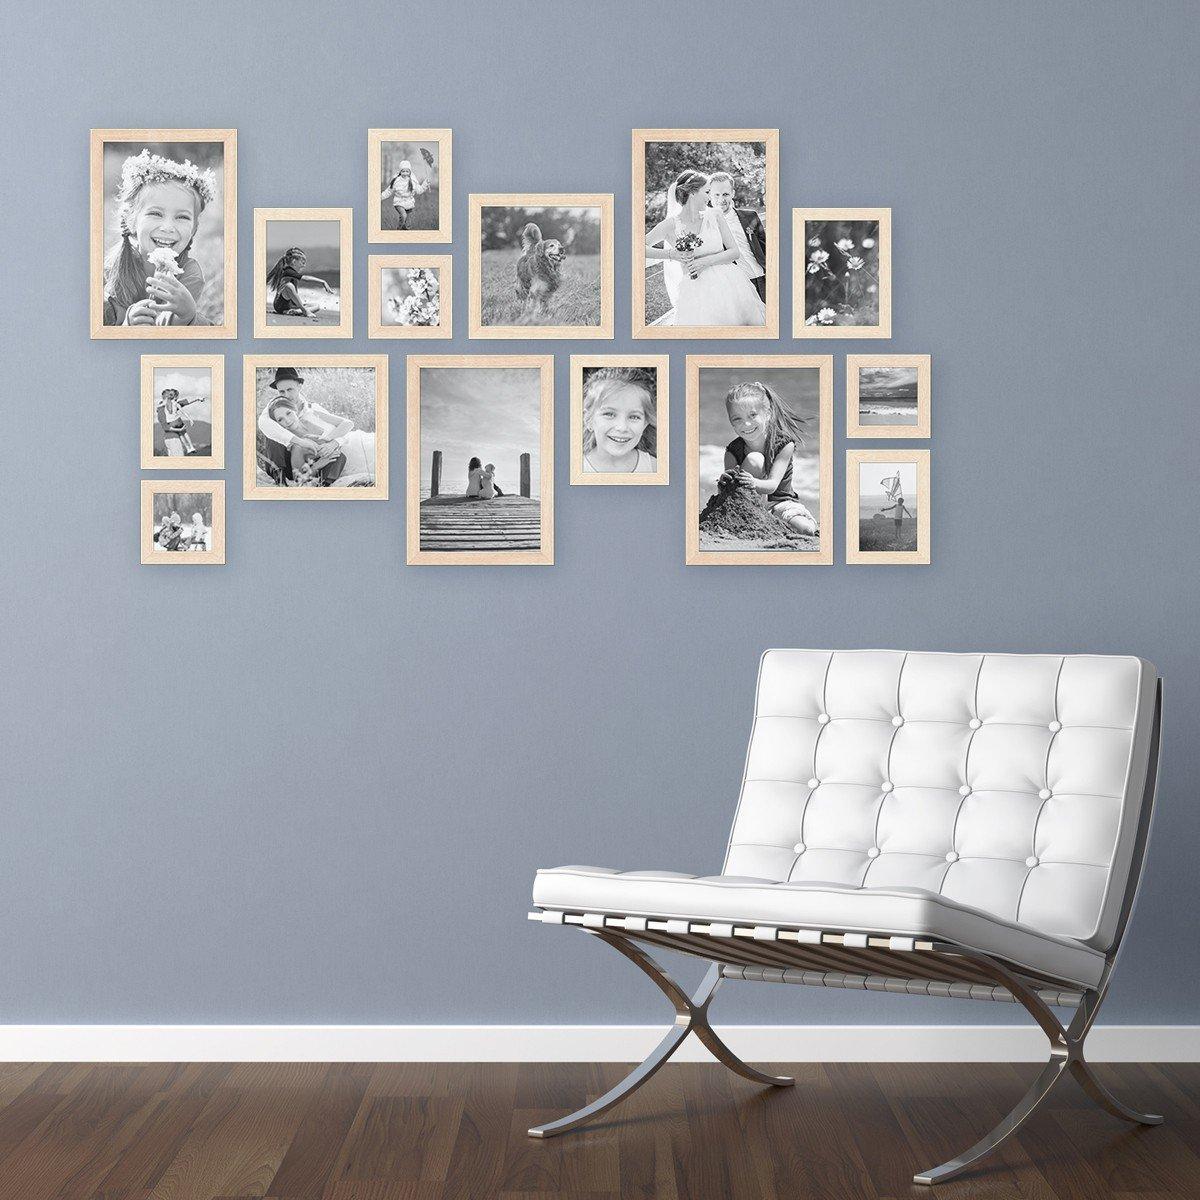 Fein Rahmen Collage Set Fotos - Benutzerdefinierte Bilderrahmen ...